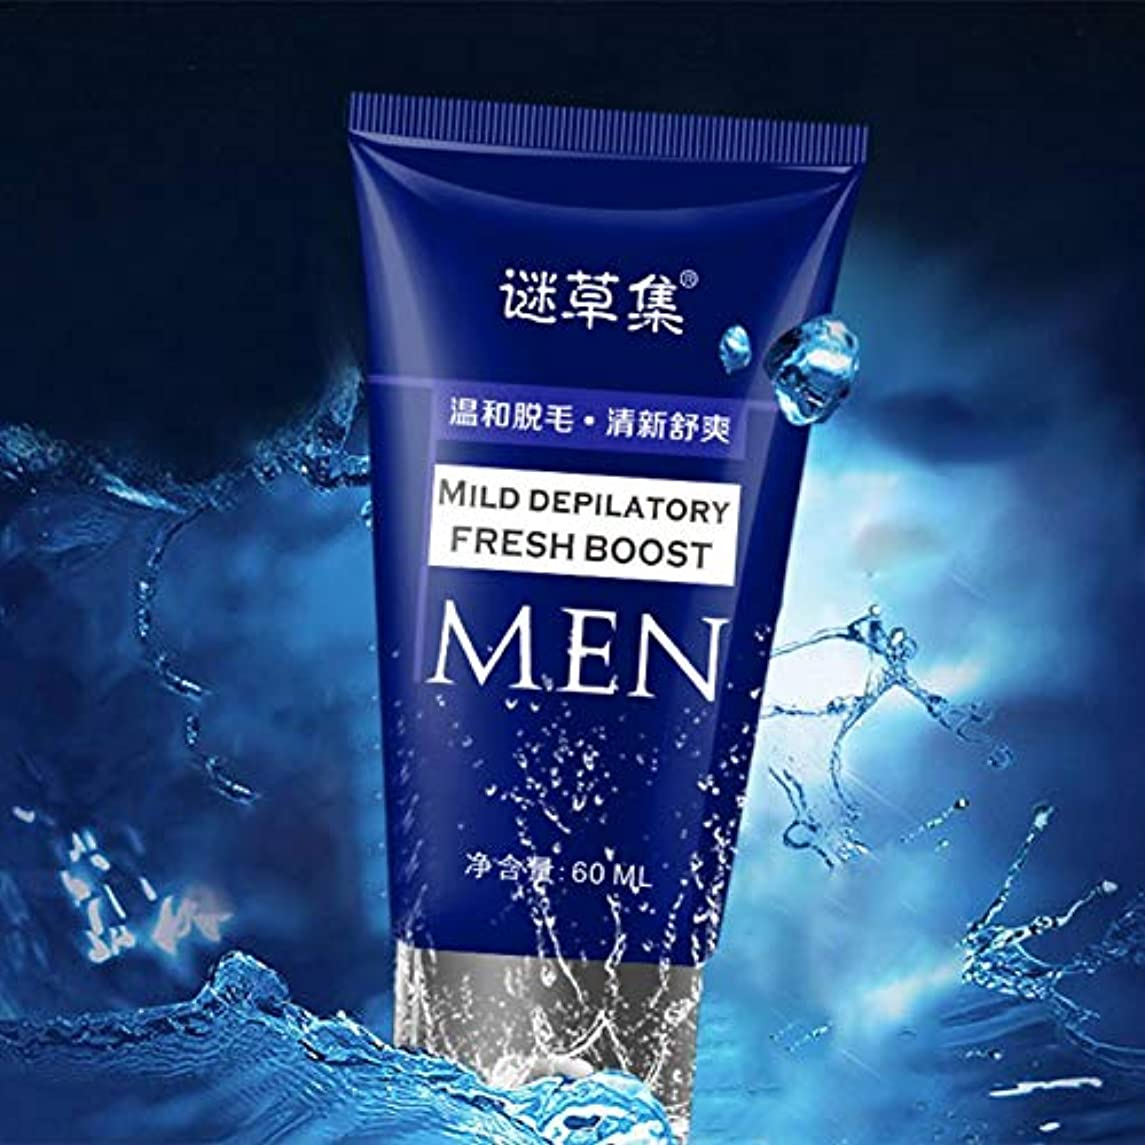 再生的拮抗する地上で60ml 薬用除毛剤 除毛 脱毛クリーム 無痛無害 メンズ 敏感肌用 すべての肌タイプ 使用可能